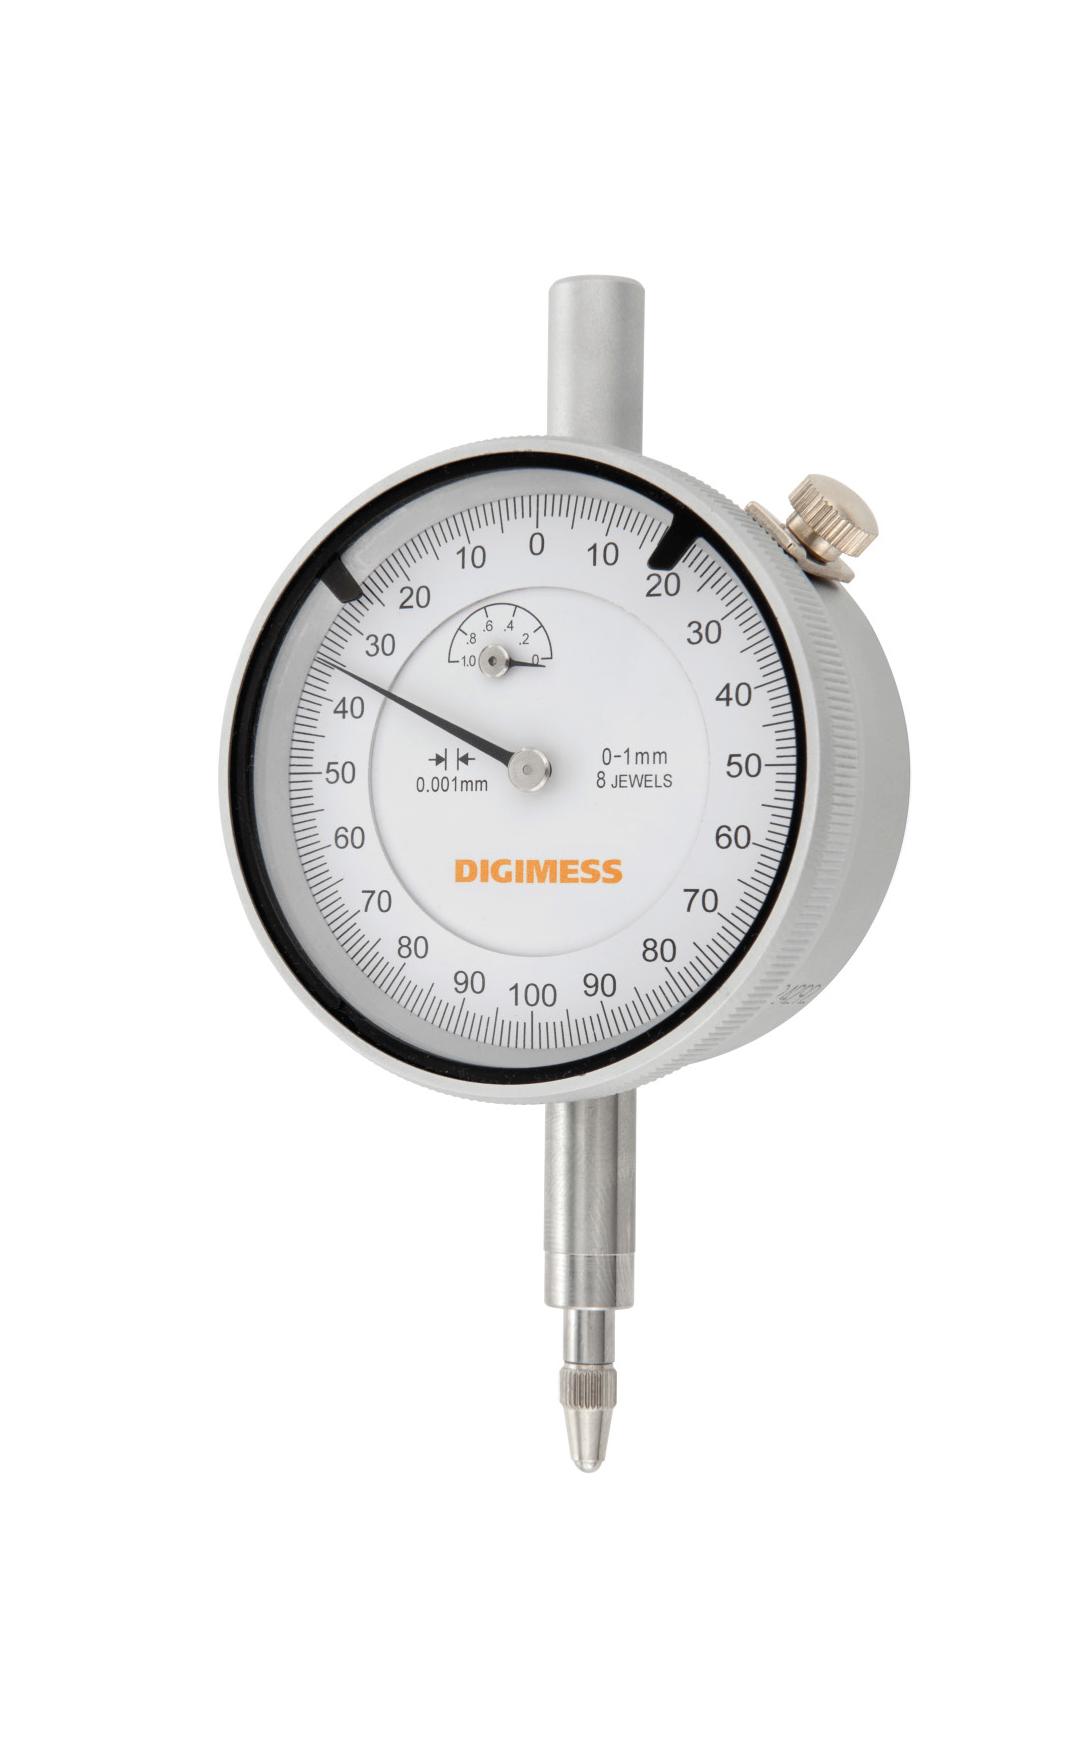 #Categoria Relógios Comparadores com Graduação de 0,001mm